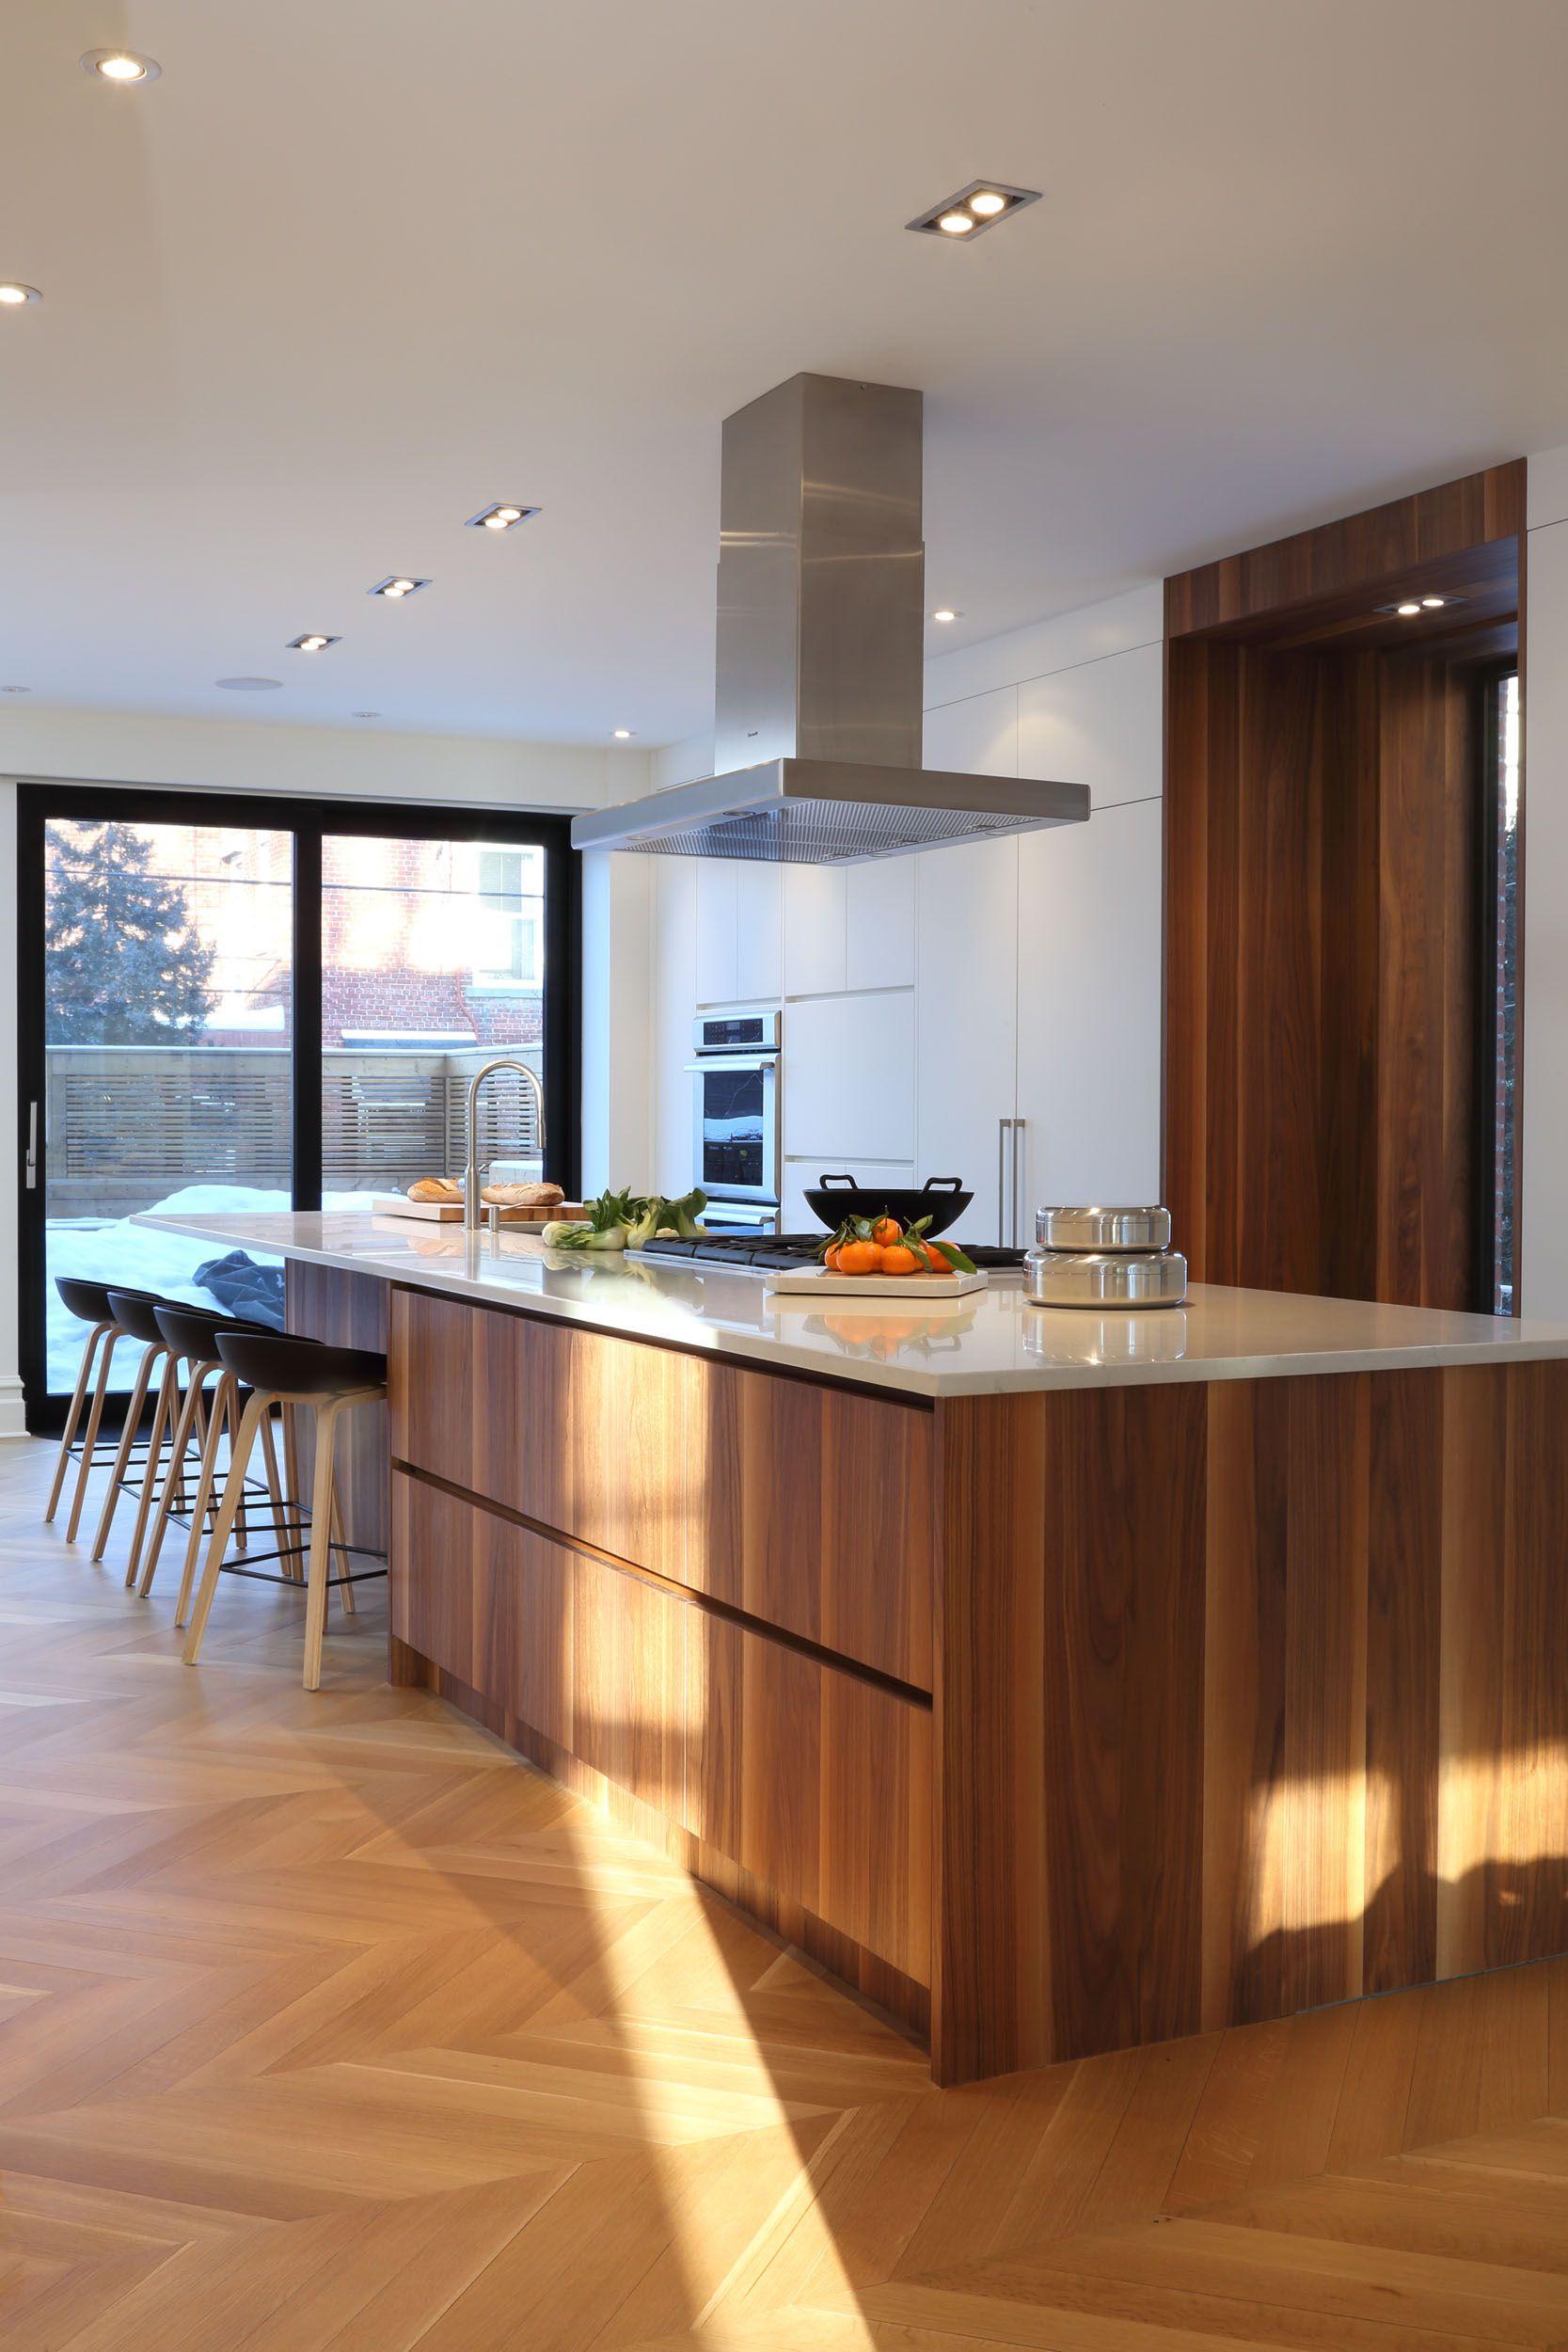 Mcdougall kitchen by cuisines steam kitchen island bench